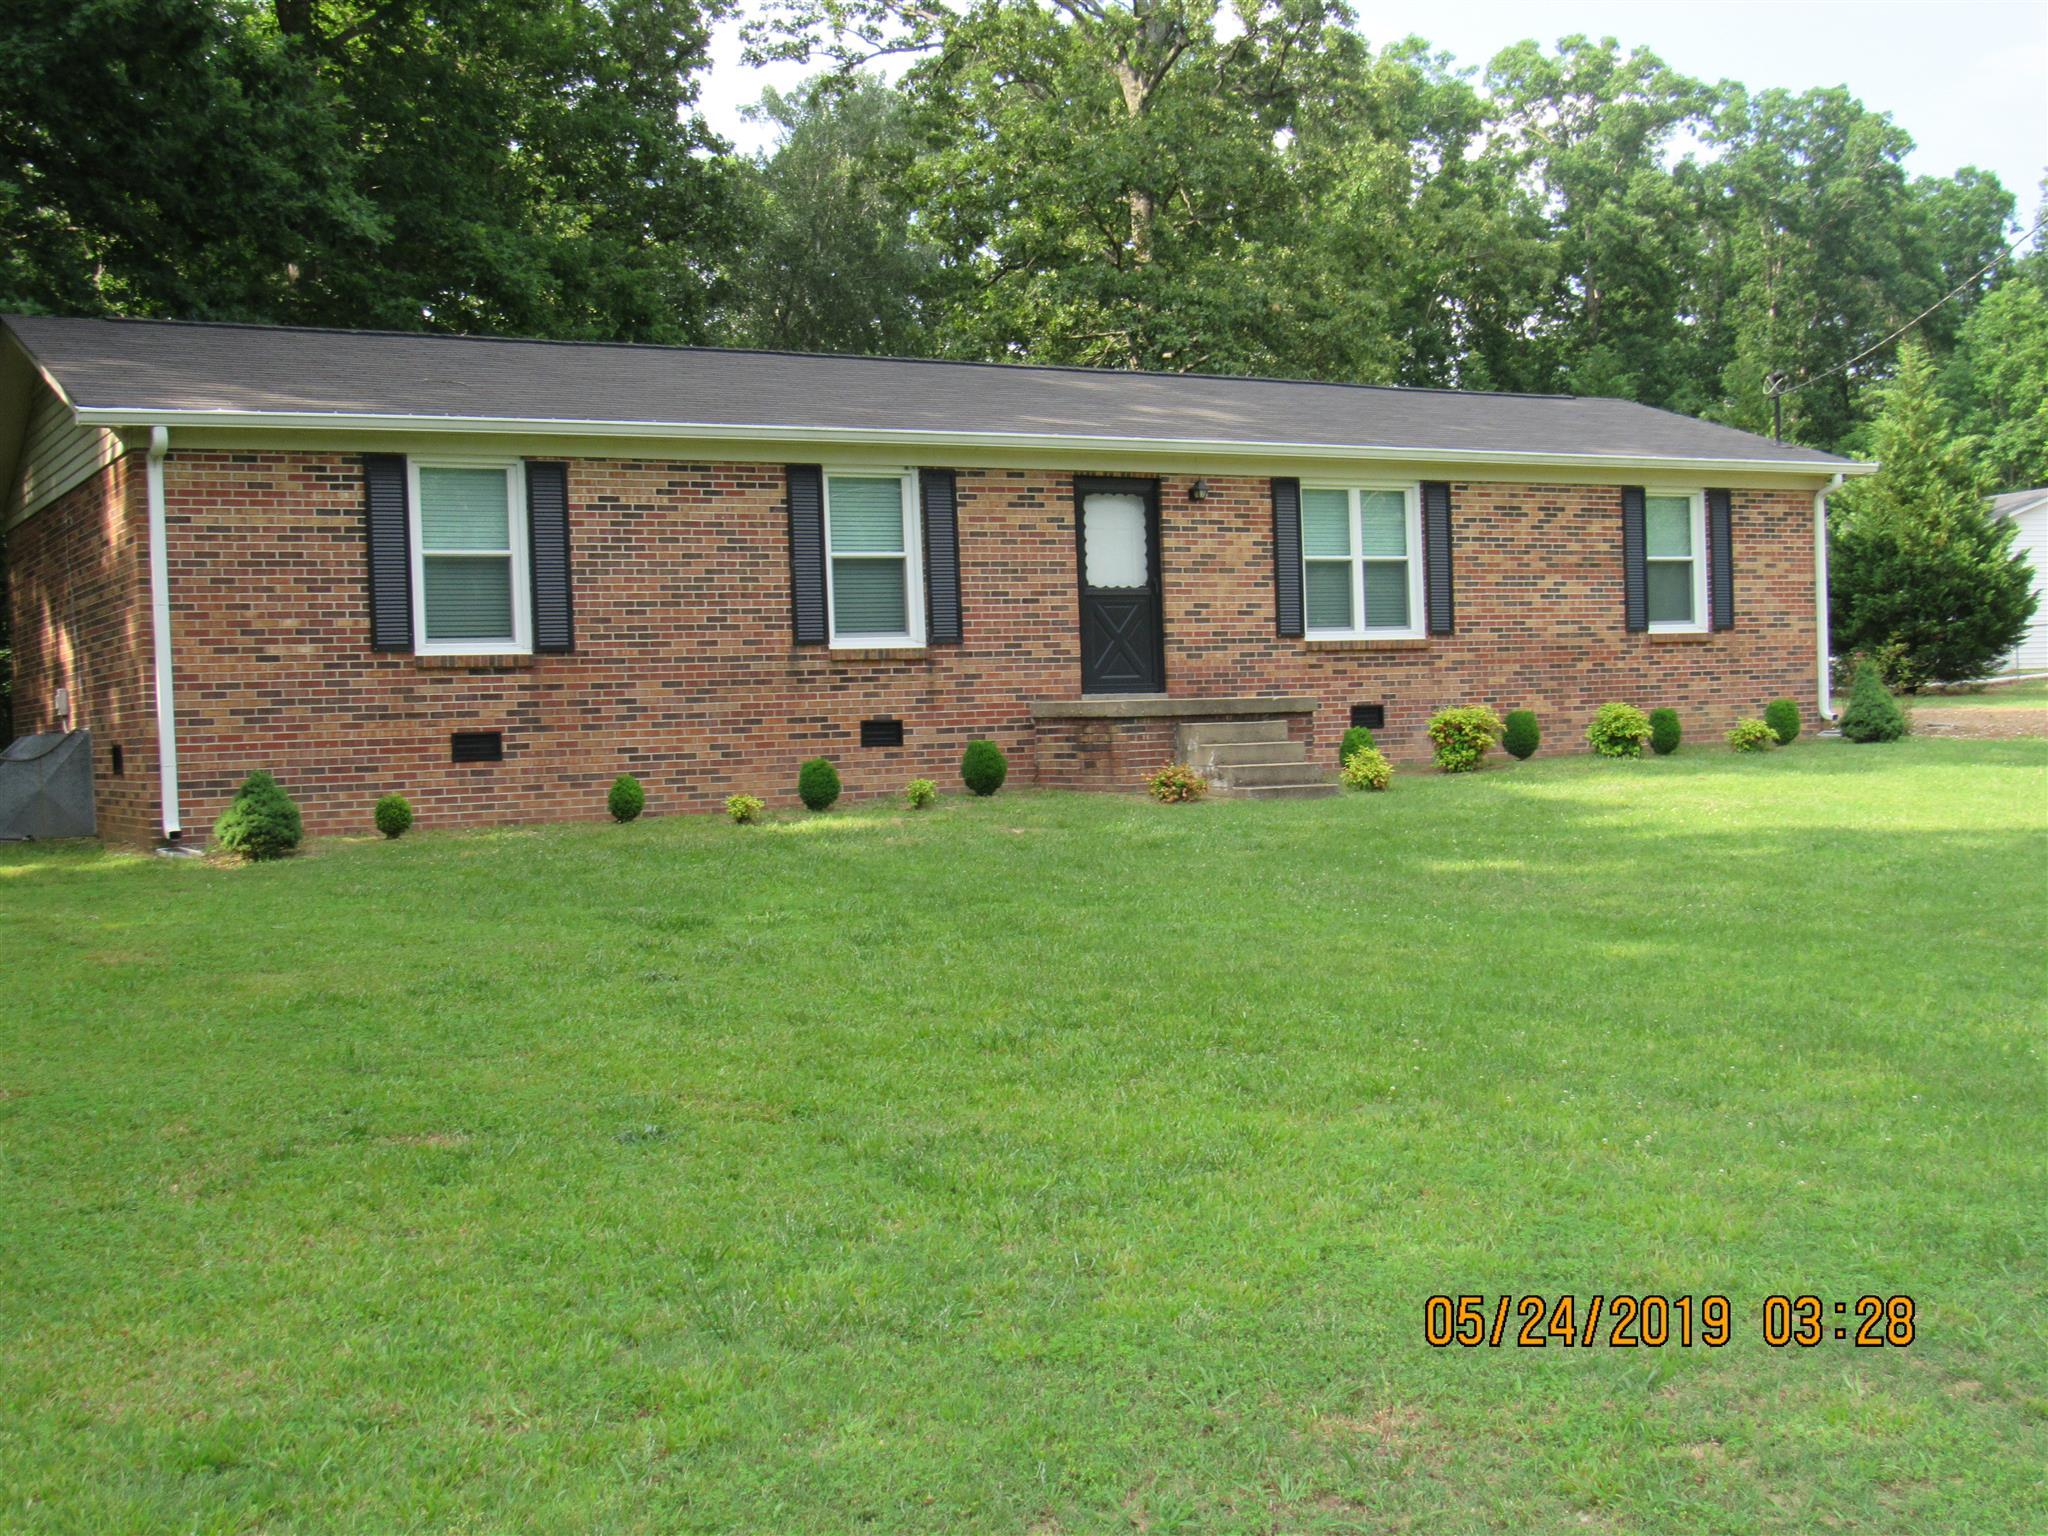 744 Oakland Dr, New Johnsonville, TN 37134 - New Johnsonville, TN real estate listing